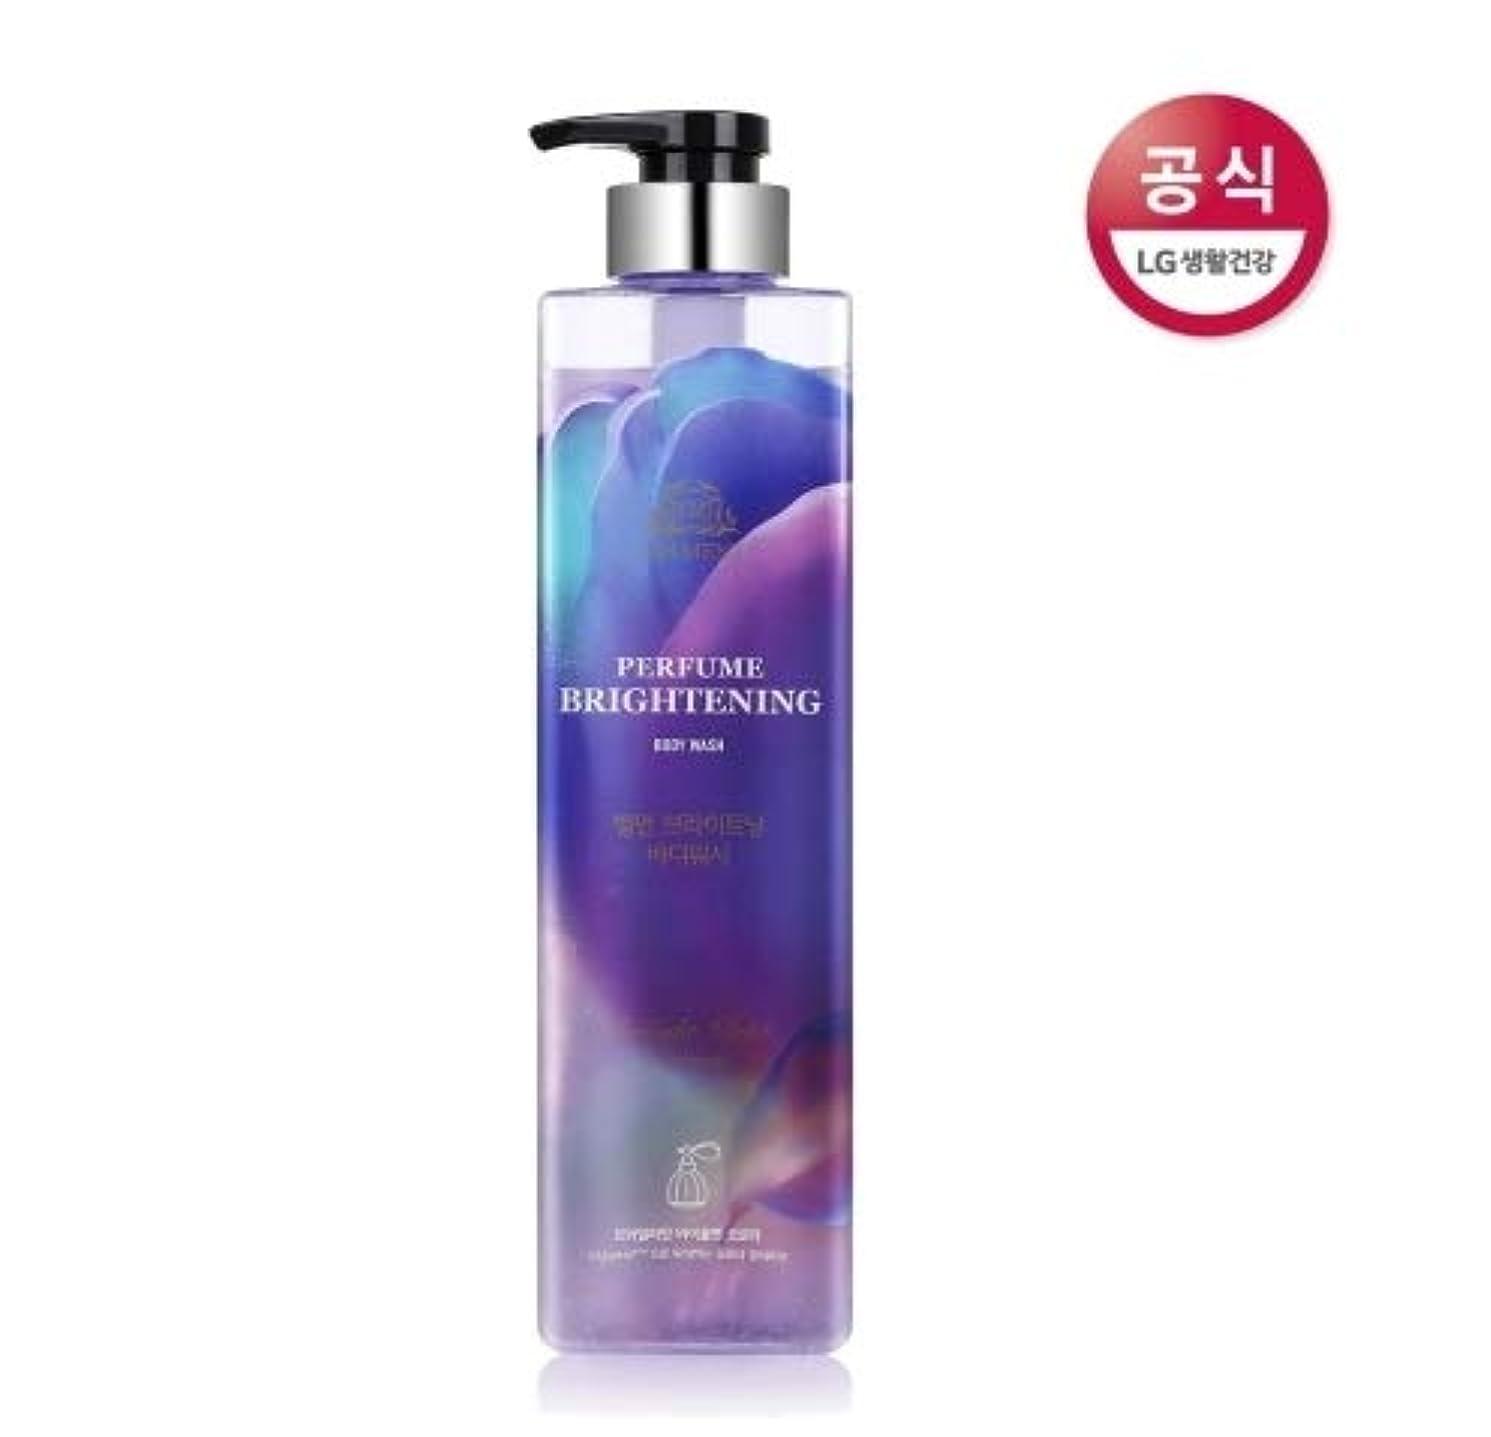 粘液永久花弁[LG HnB] On the Body Belman Perfume Brightening Body Wash / オンザボディベルモンパフュームブライトニングボディウォッシュ680mlx1個(海外直送品)